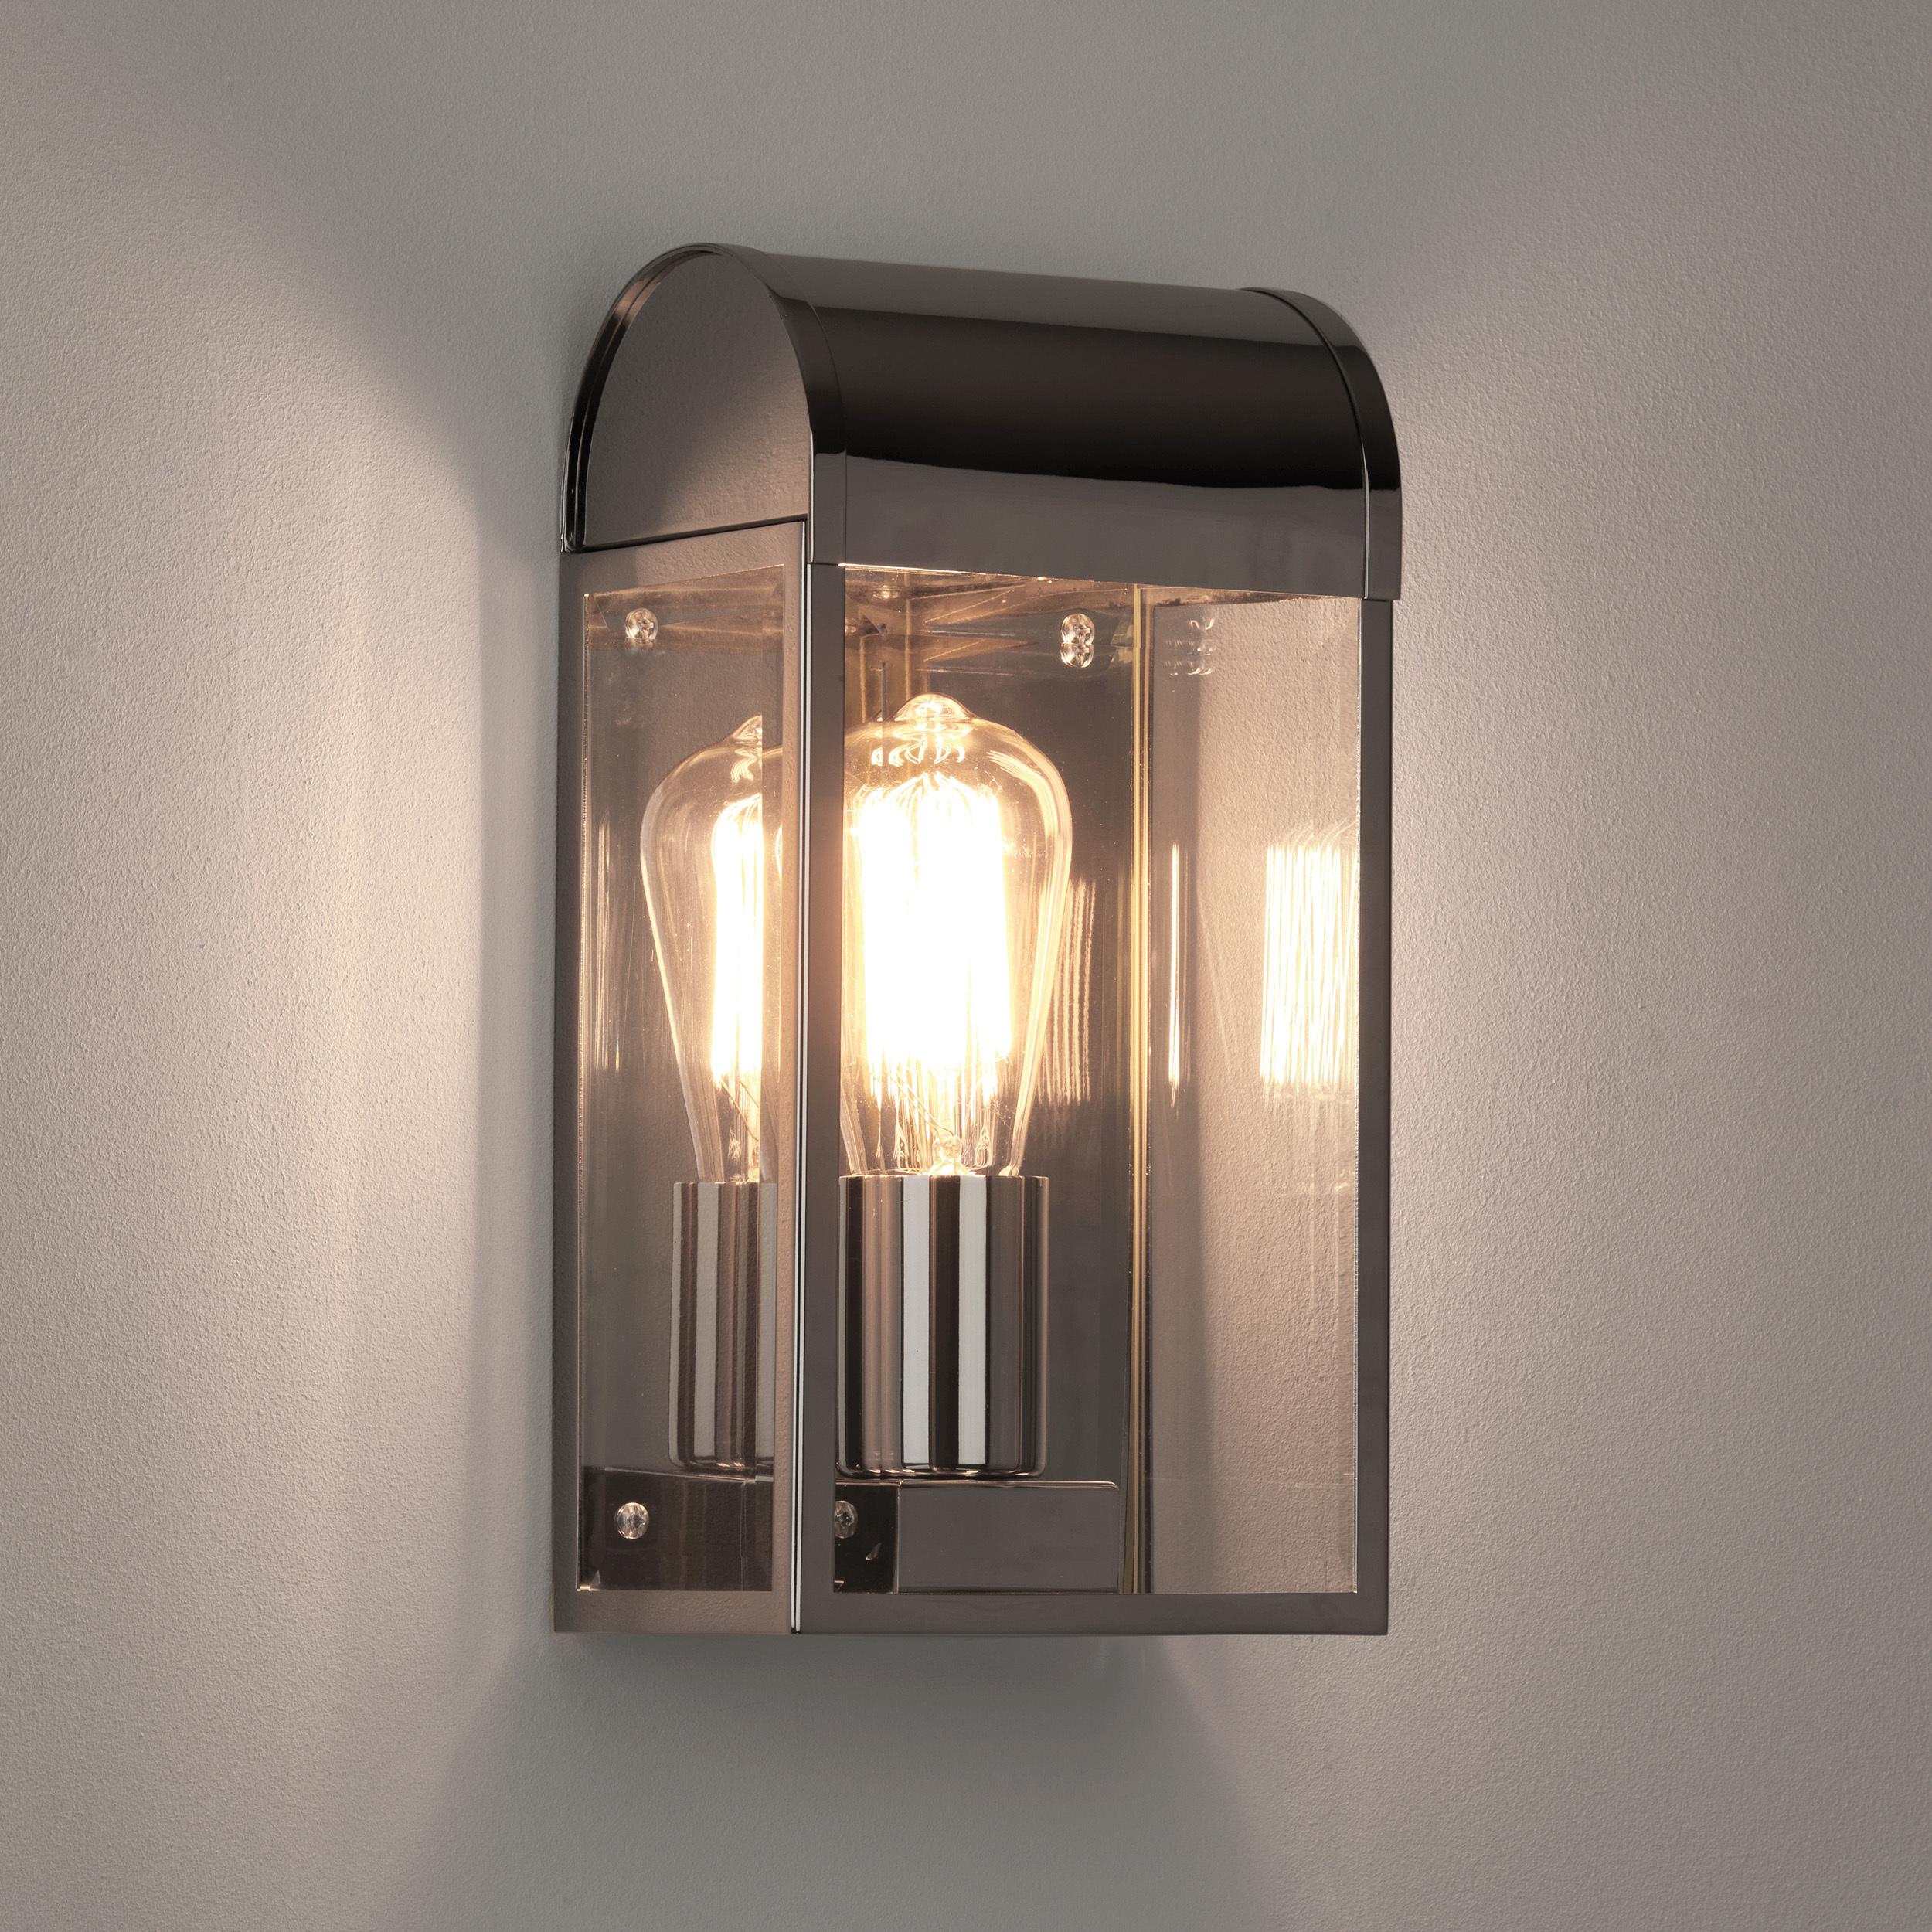 Настенный светильник Astro Newbury 1339002 (7863), IP44, 1xE27x60W, никель, прозрачный, стекло - фото 1